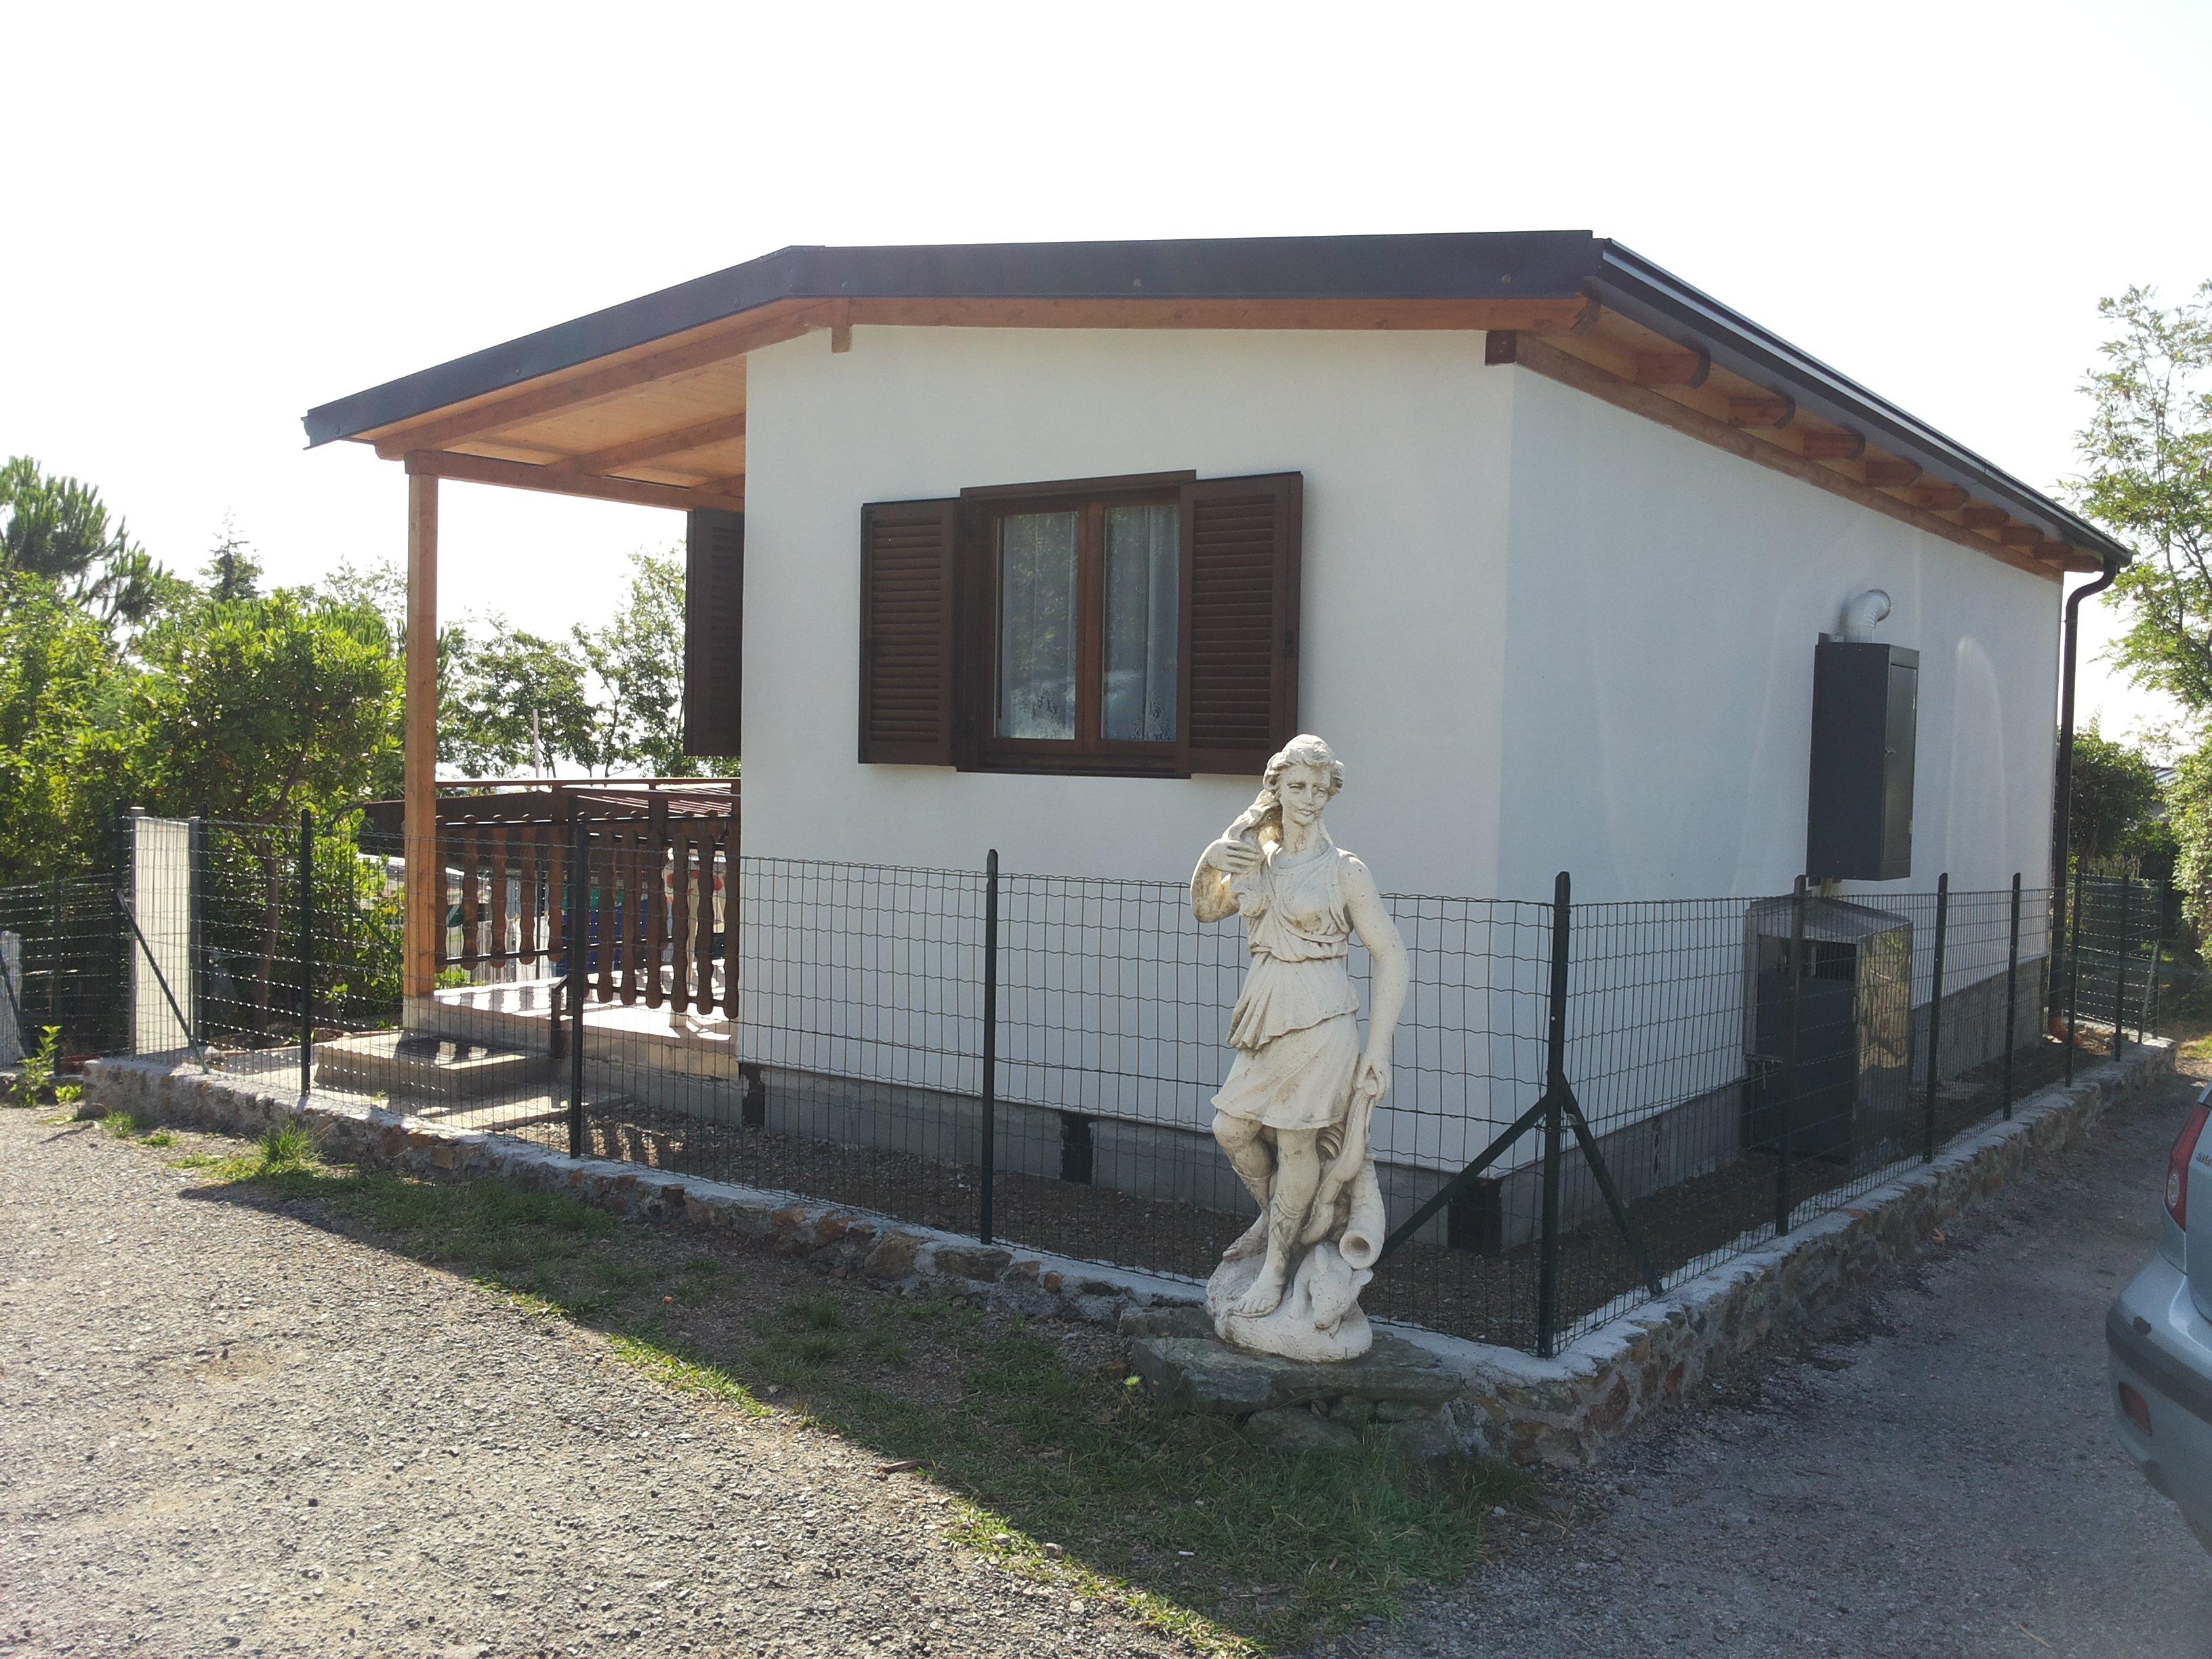 Bungalow di color bianco con statua di marmo all'esterno